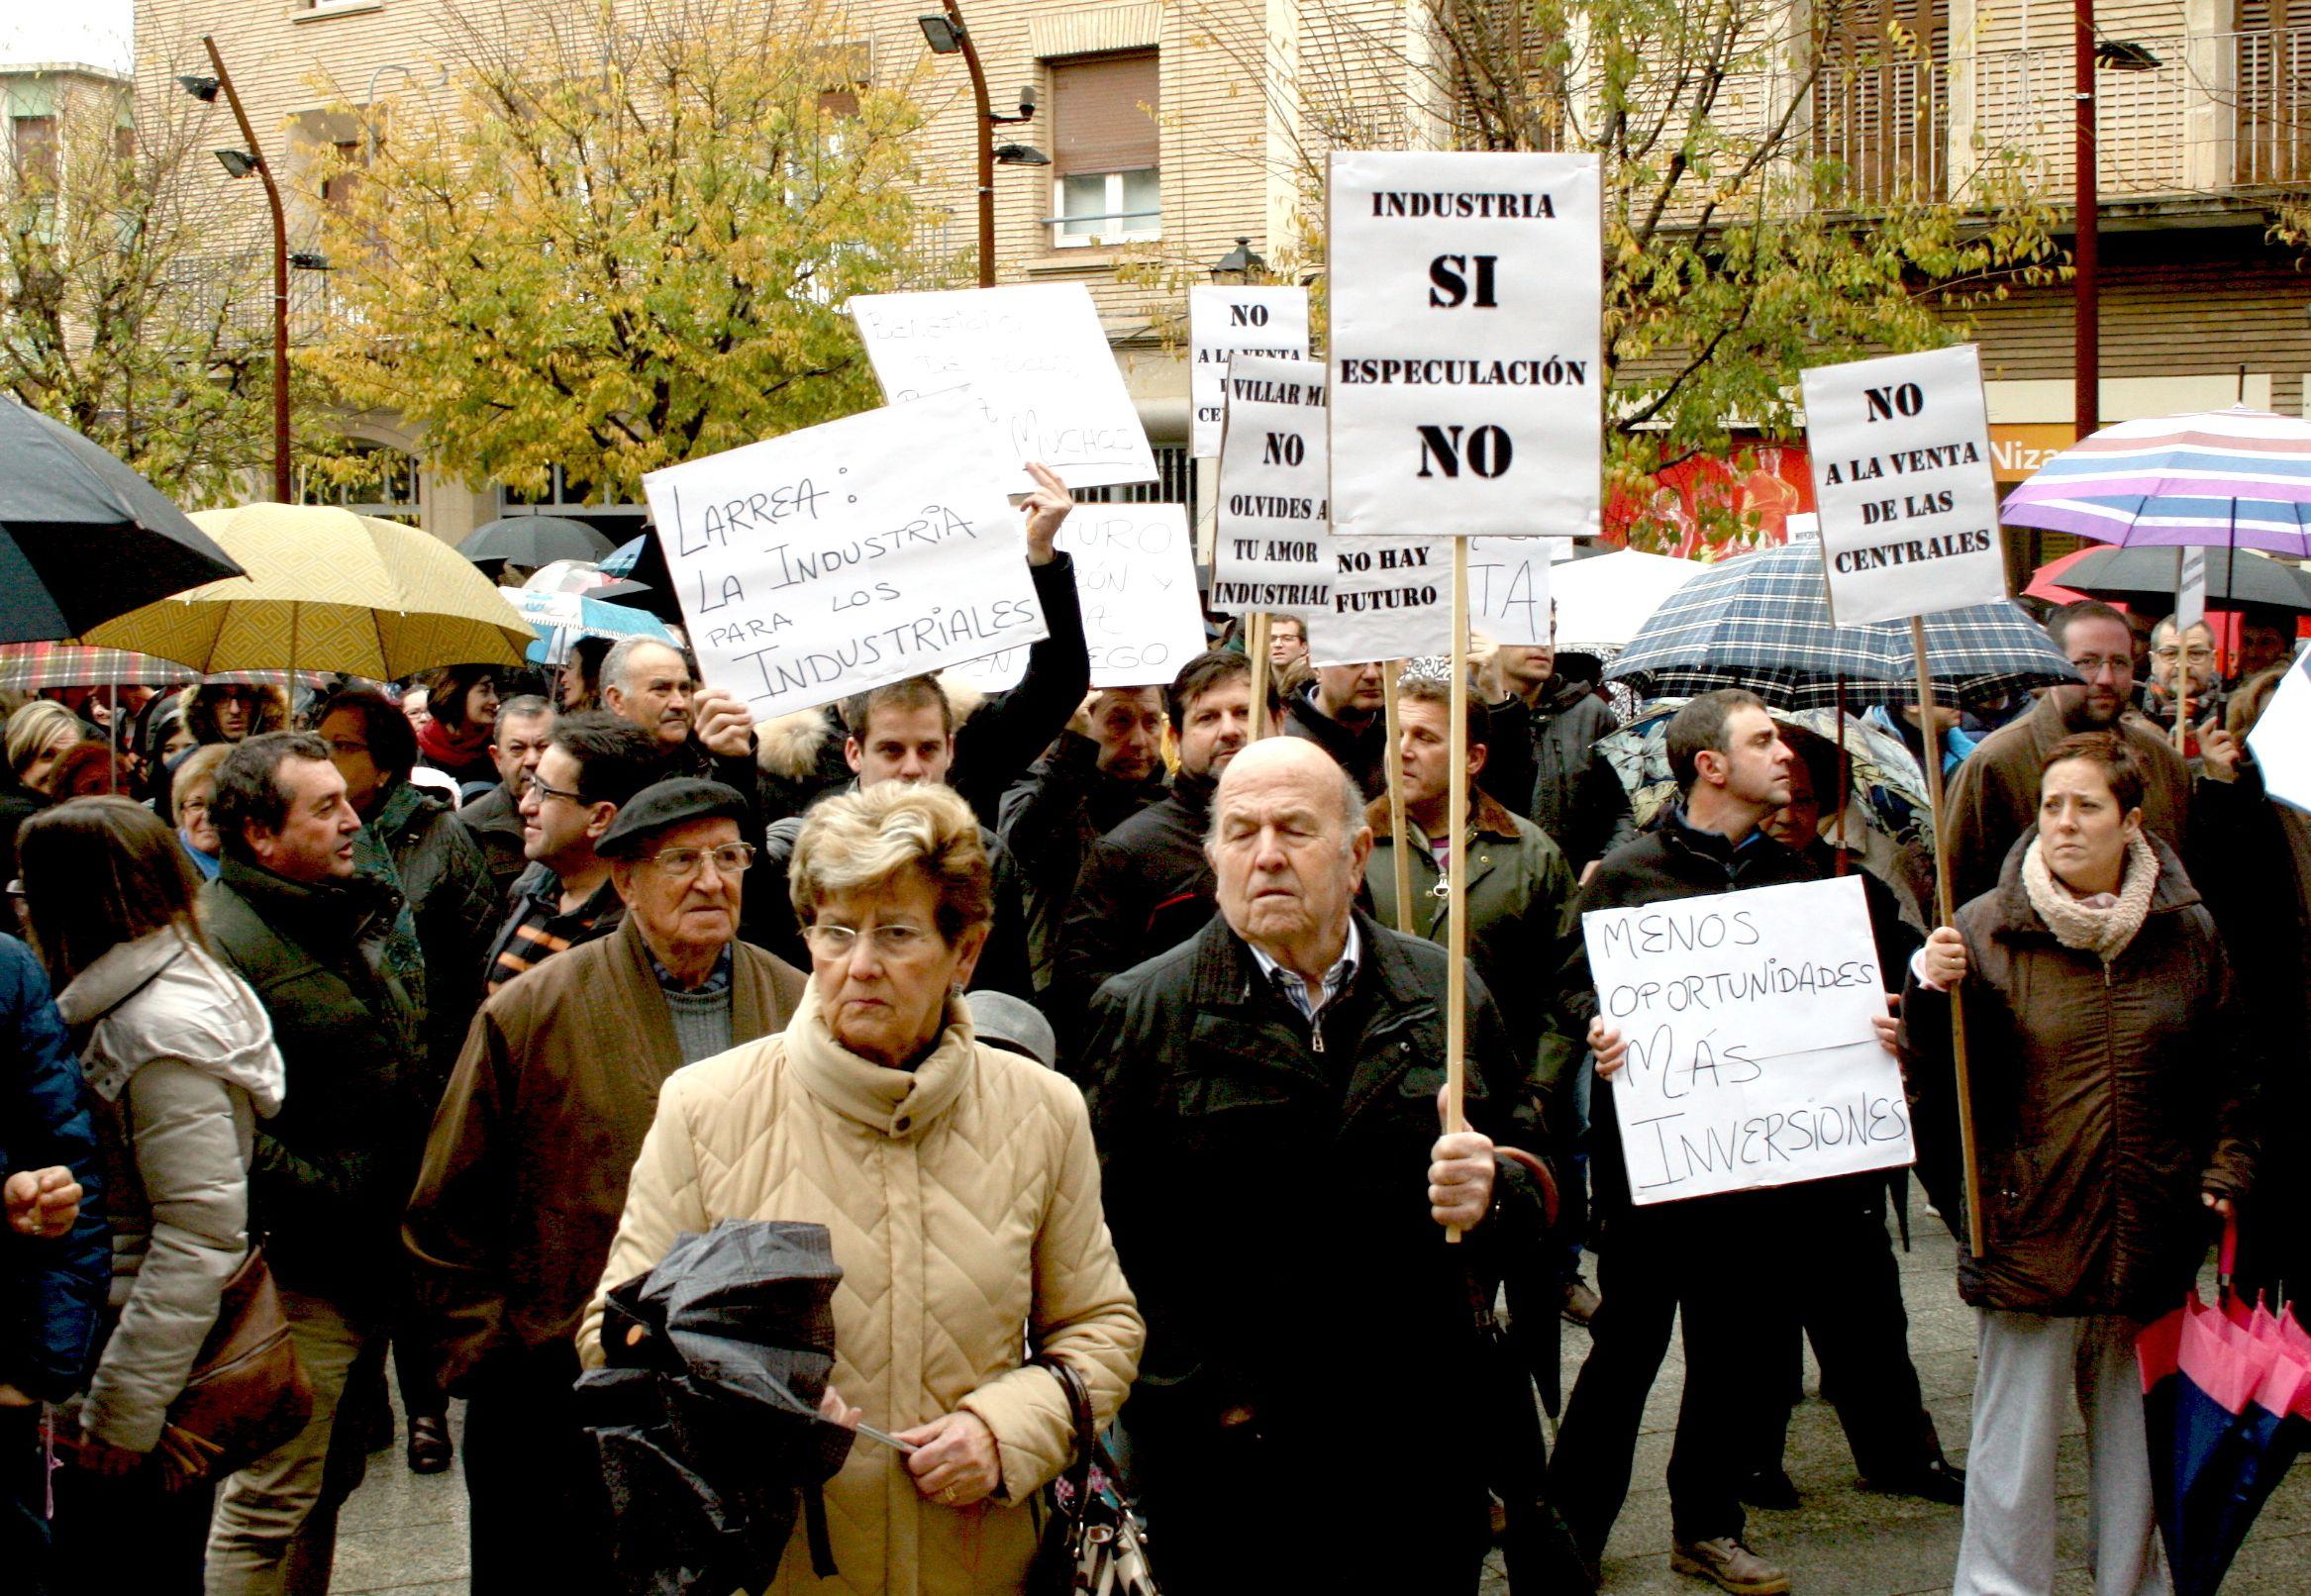 Manifestación contra la venta de las centrales